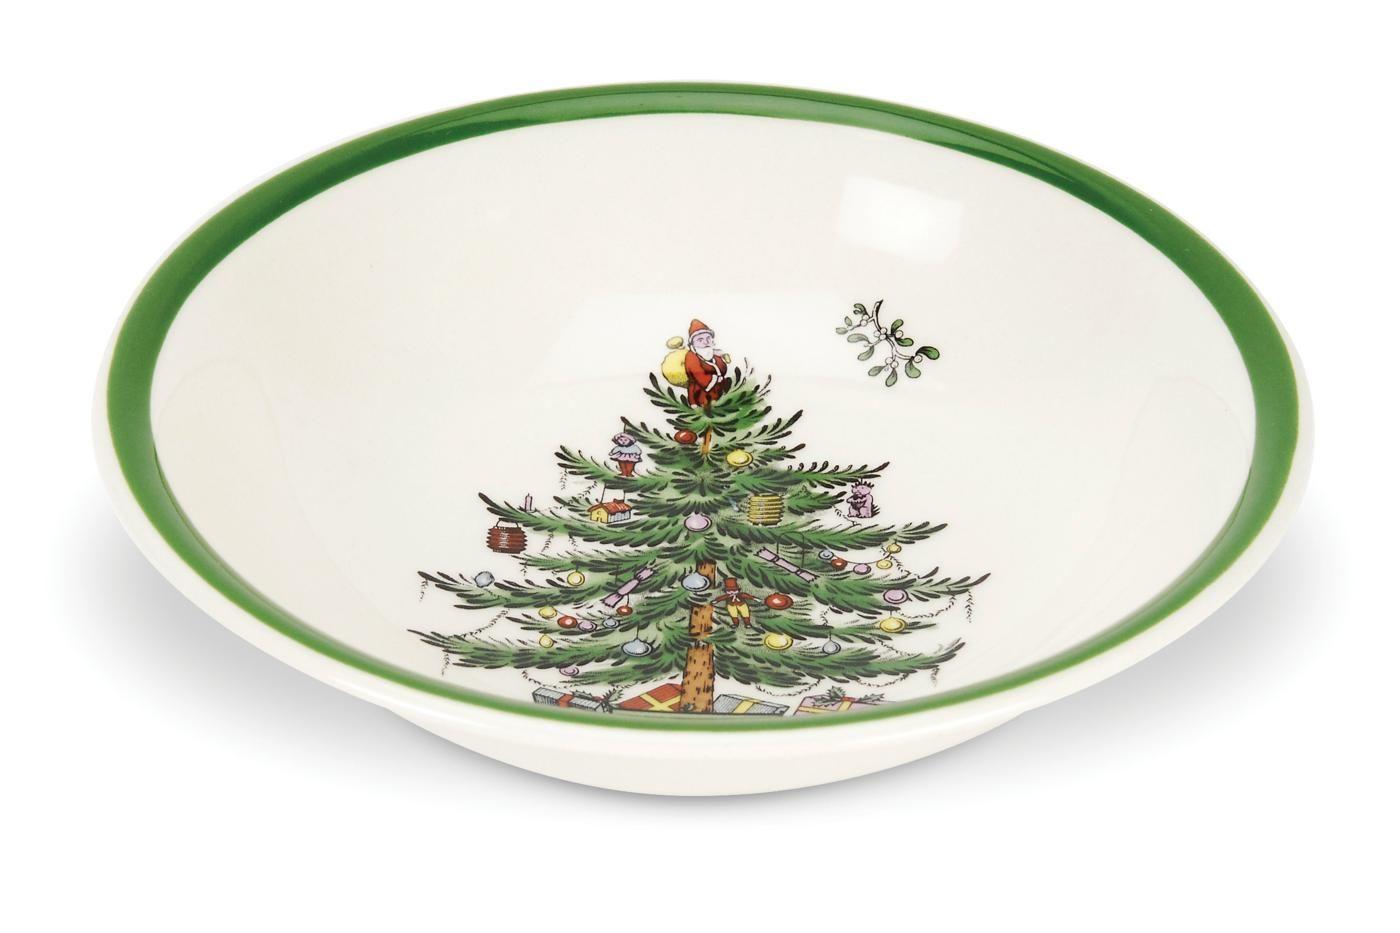 """Spode Christmas Tree Soup / Cereal Bowl 8"""" thumb 1"""